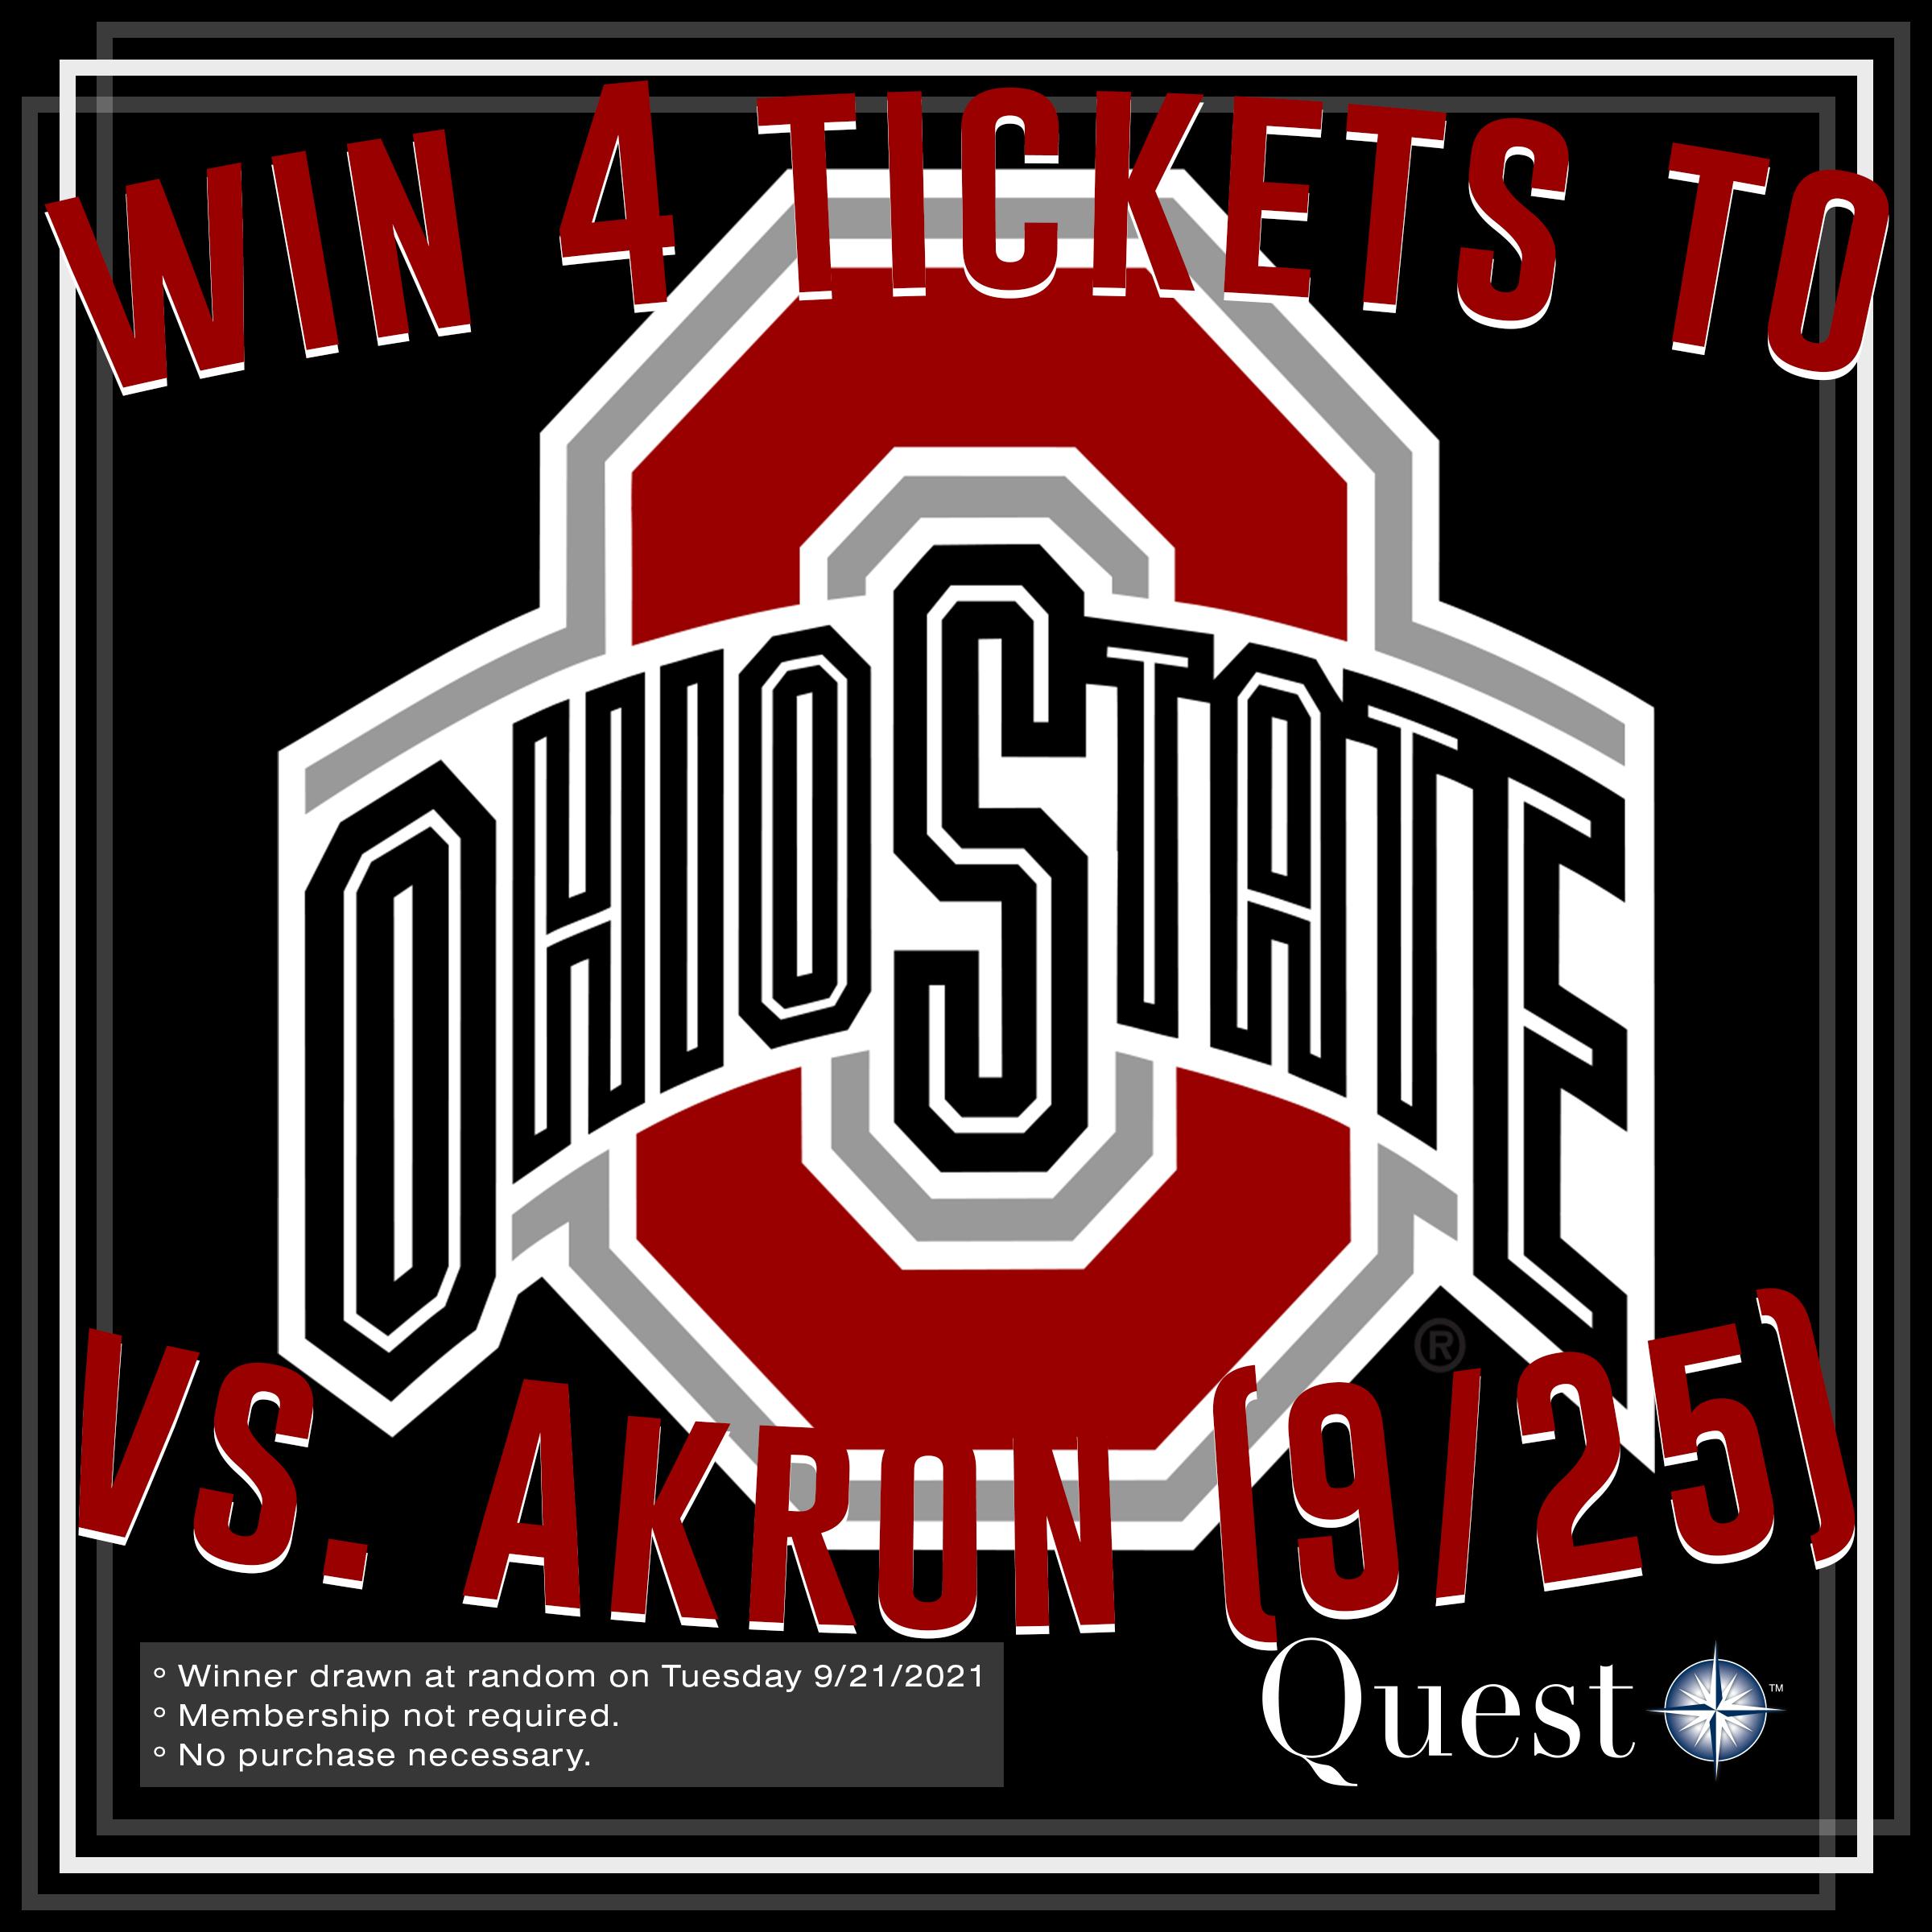 OSU Ticket Giveaway